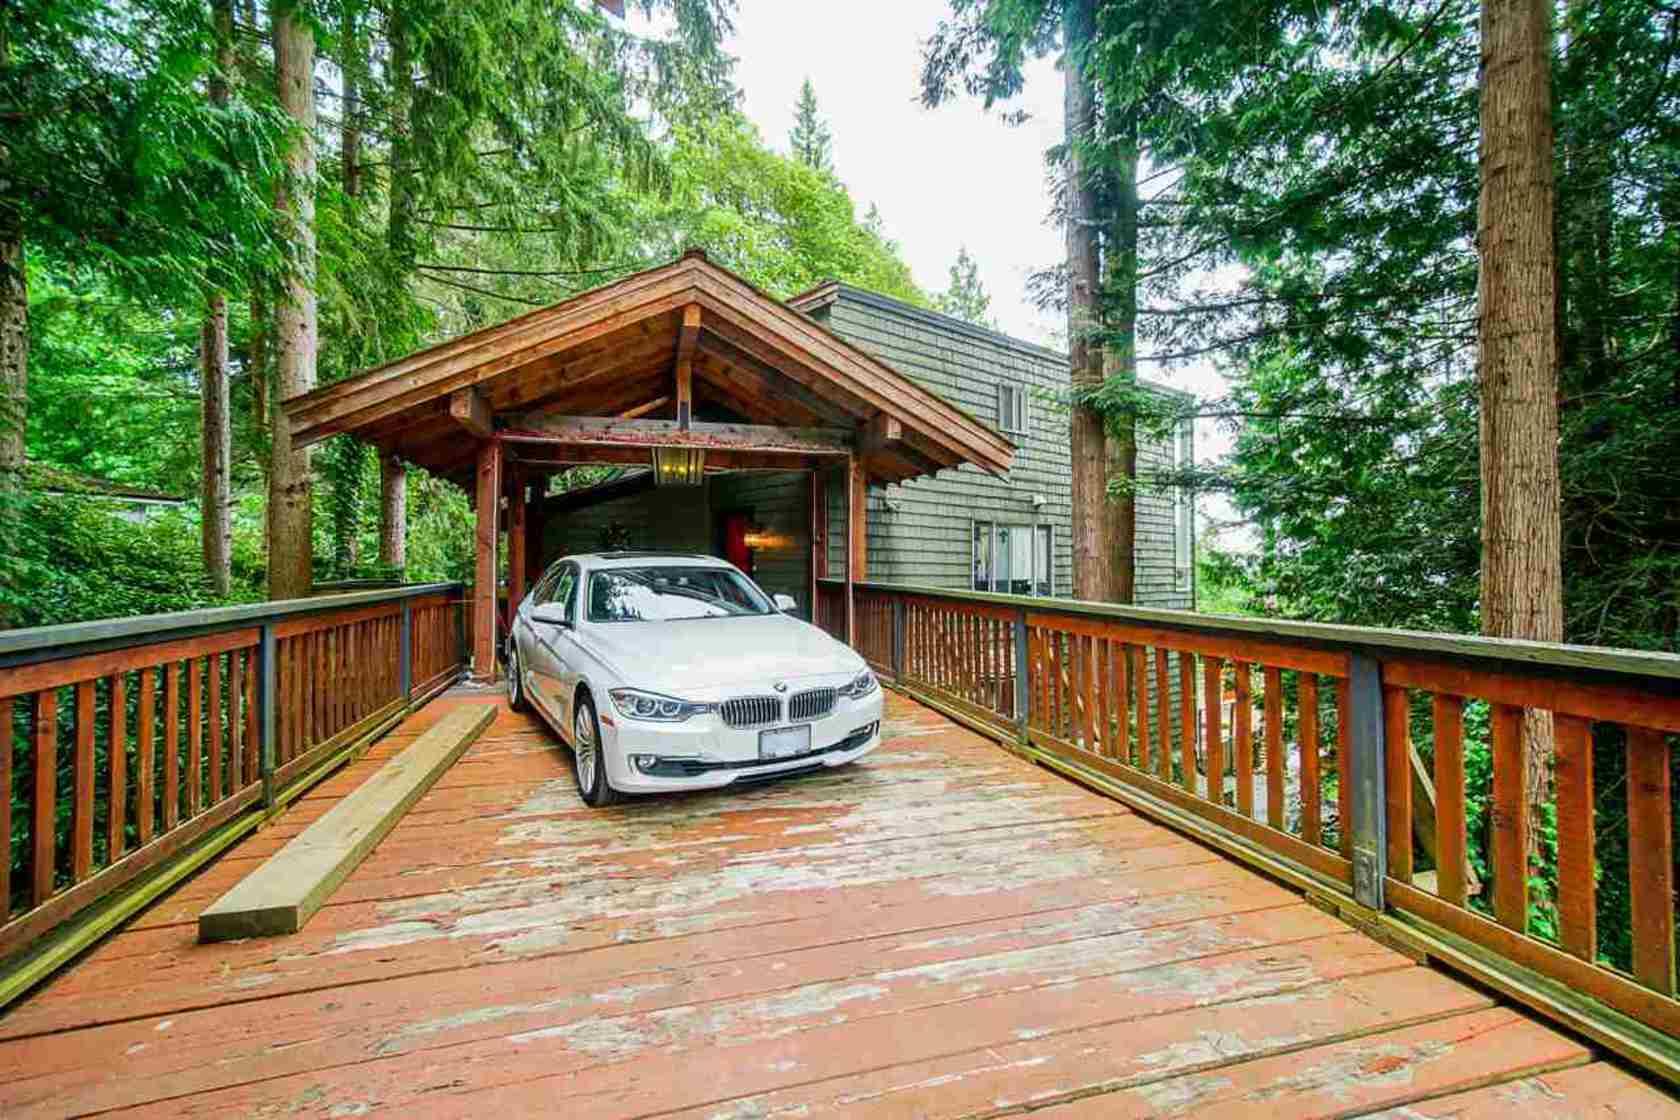 4783-estevan-place-caulfeild-west-vancouver-02 at 4783 Estevan Place, Caulfeild, West Vancouver